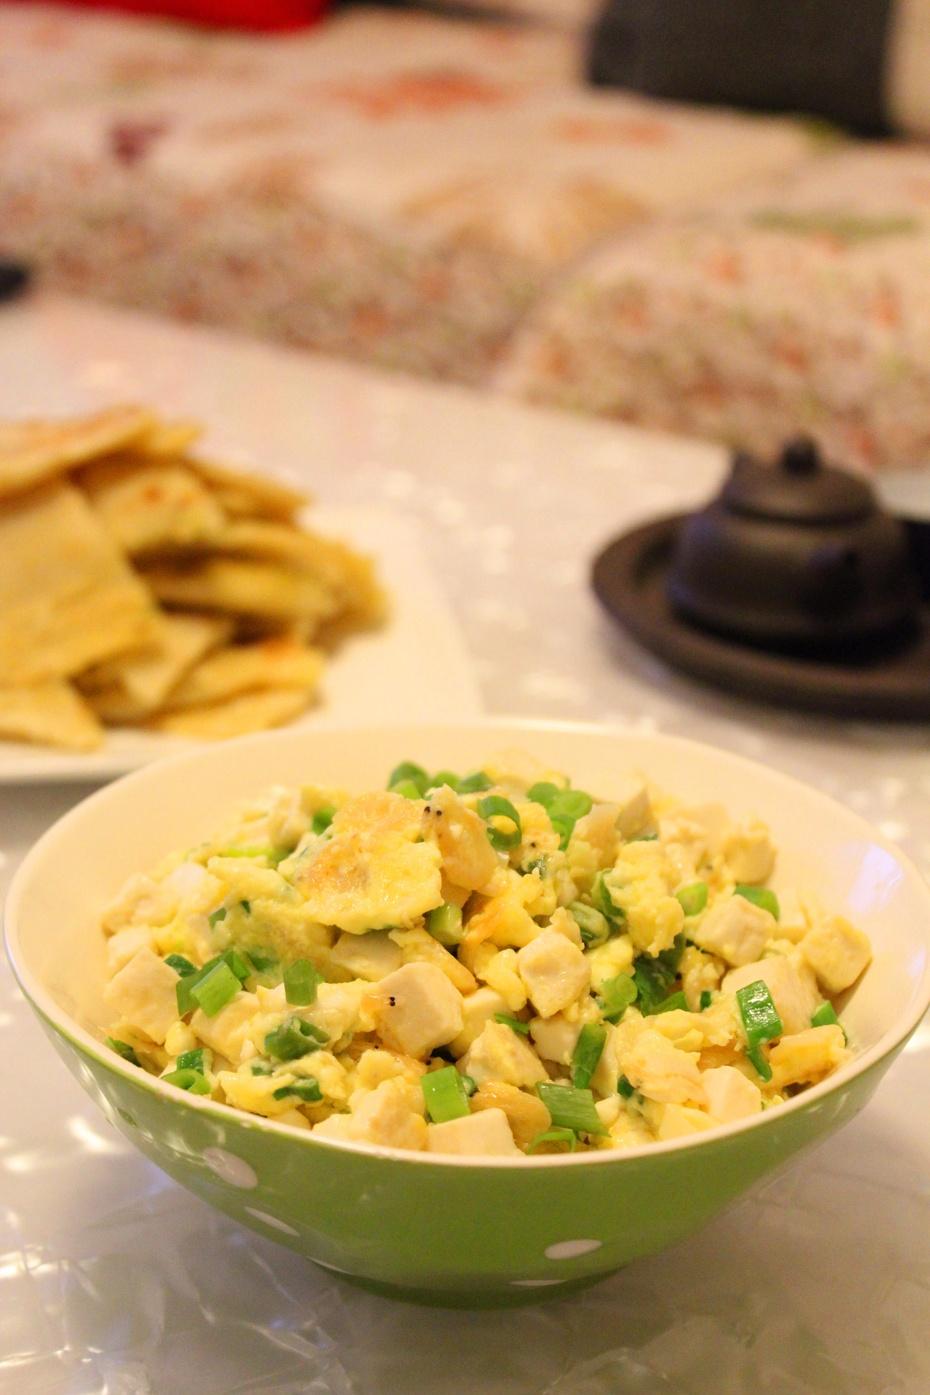 虾皮炒鸡蛋豆腐:小清新小鲜美 - 慢美食 - 慢 美 食